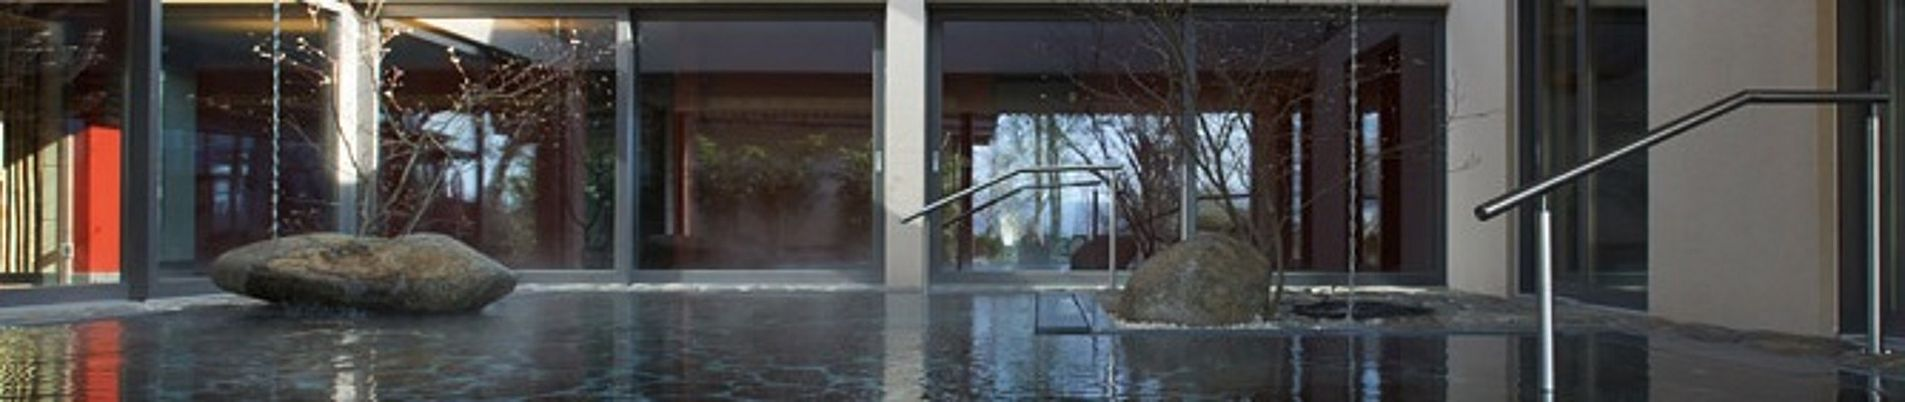 Japanisches Bad bora hotsparesort bodensee japanisches onsenbad